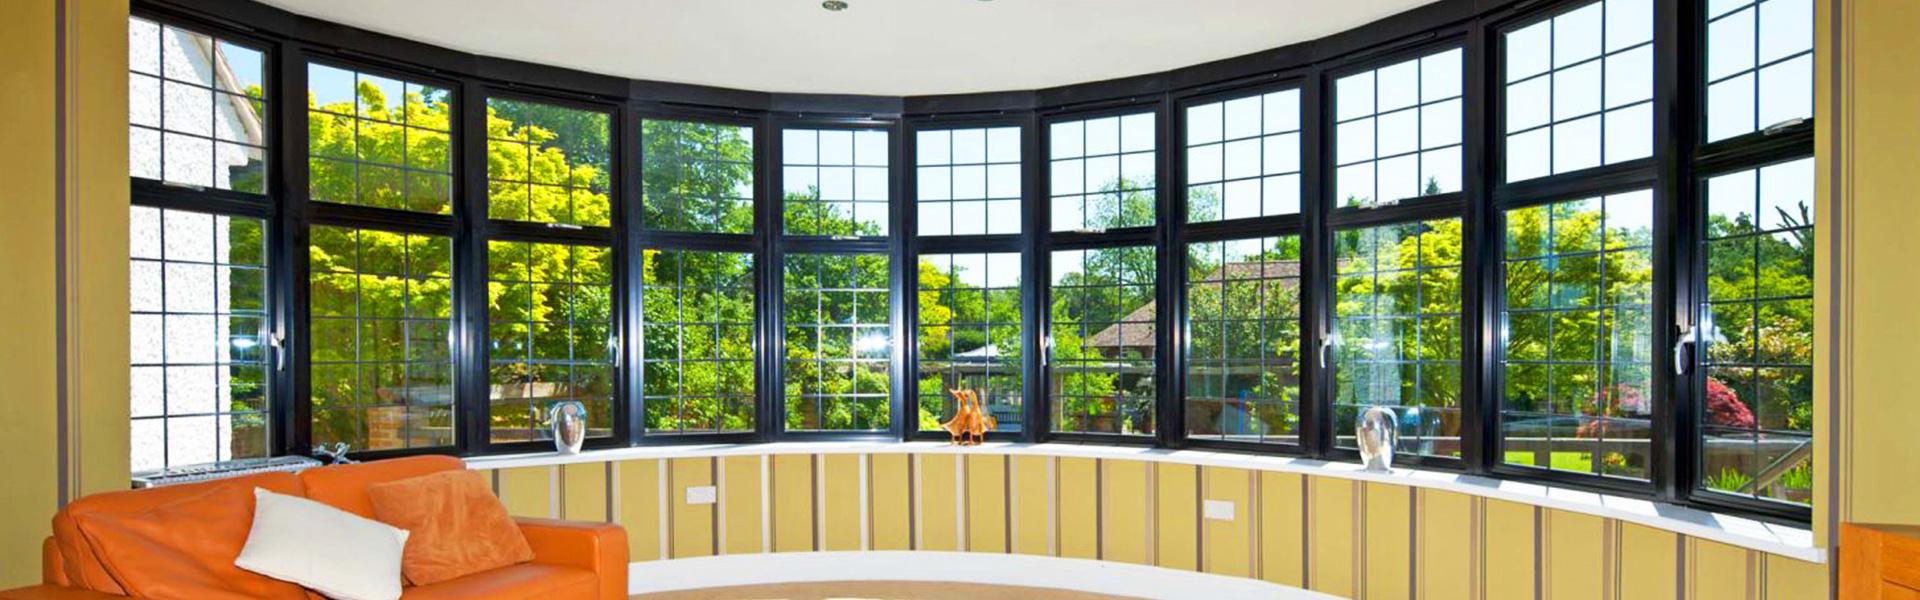 Алюминиевые окна фон записи